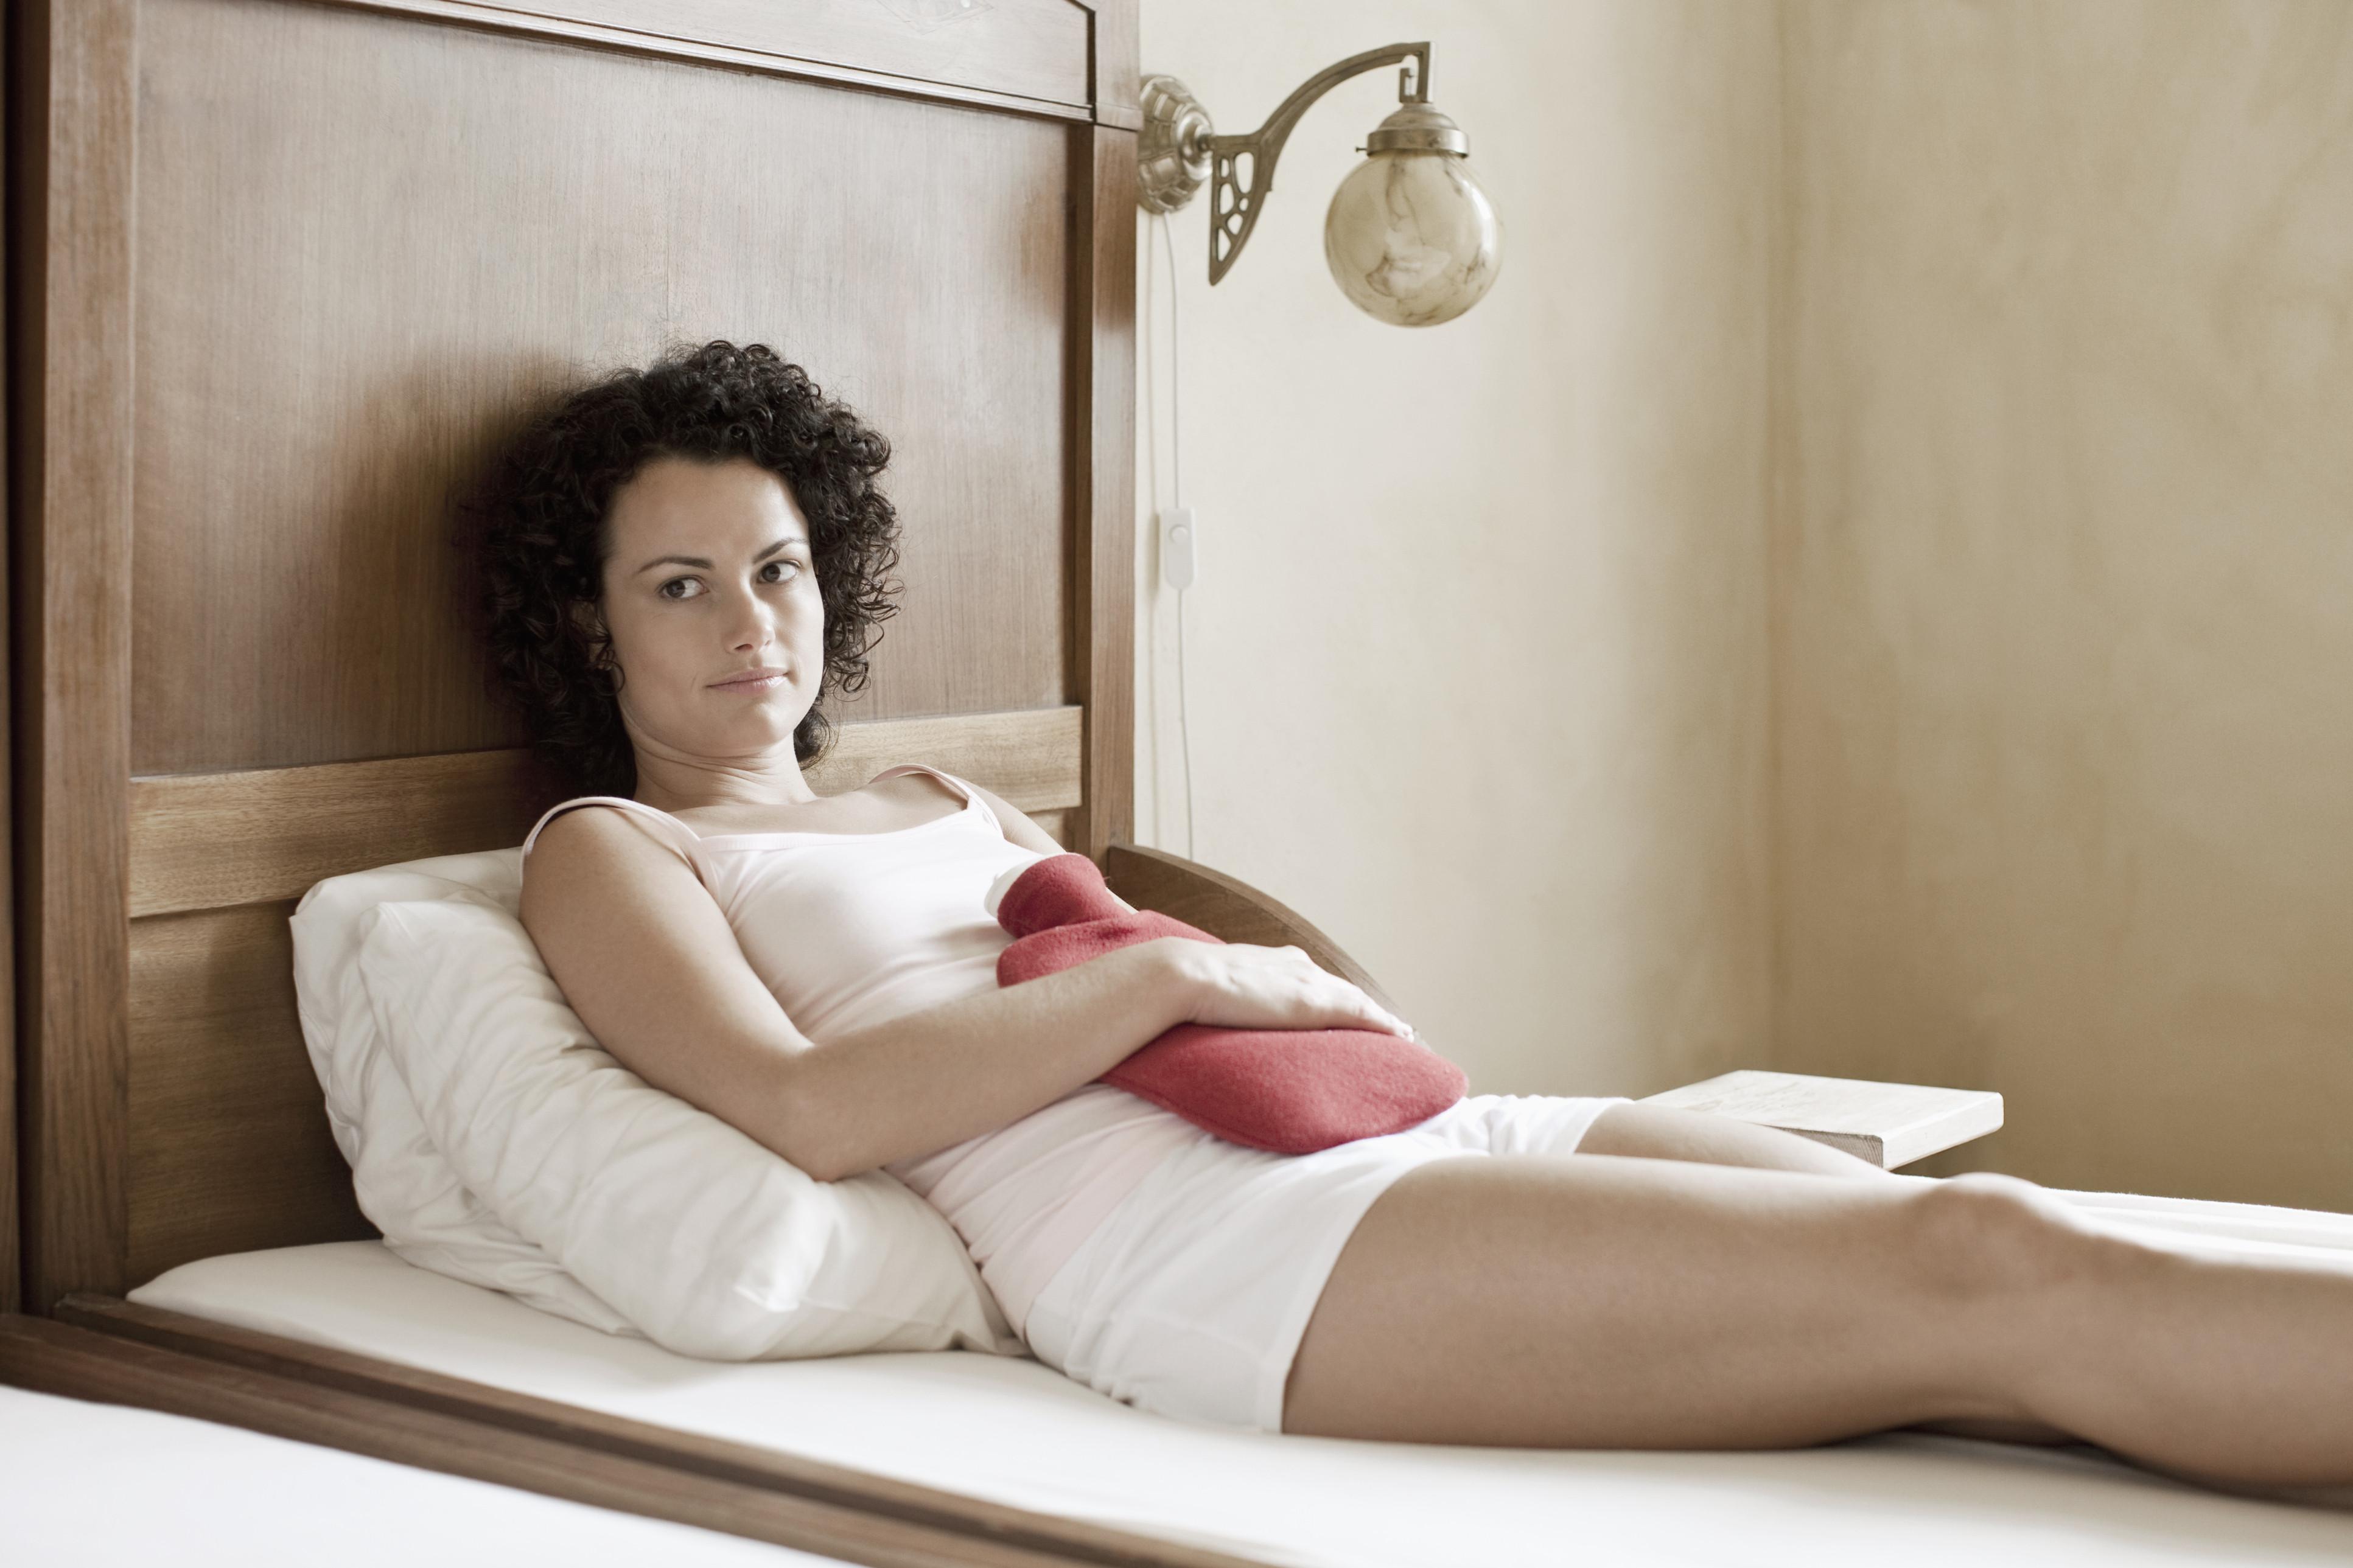 2016-02-10-1455130428-9910883-Menstruation.jpg